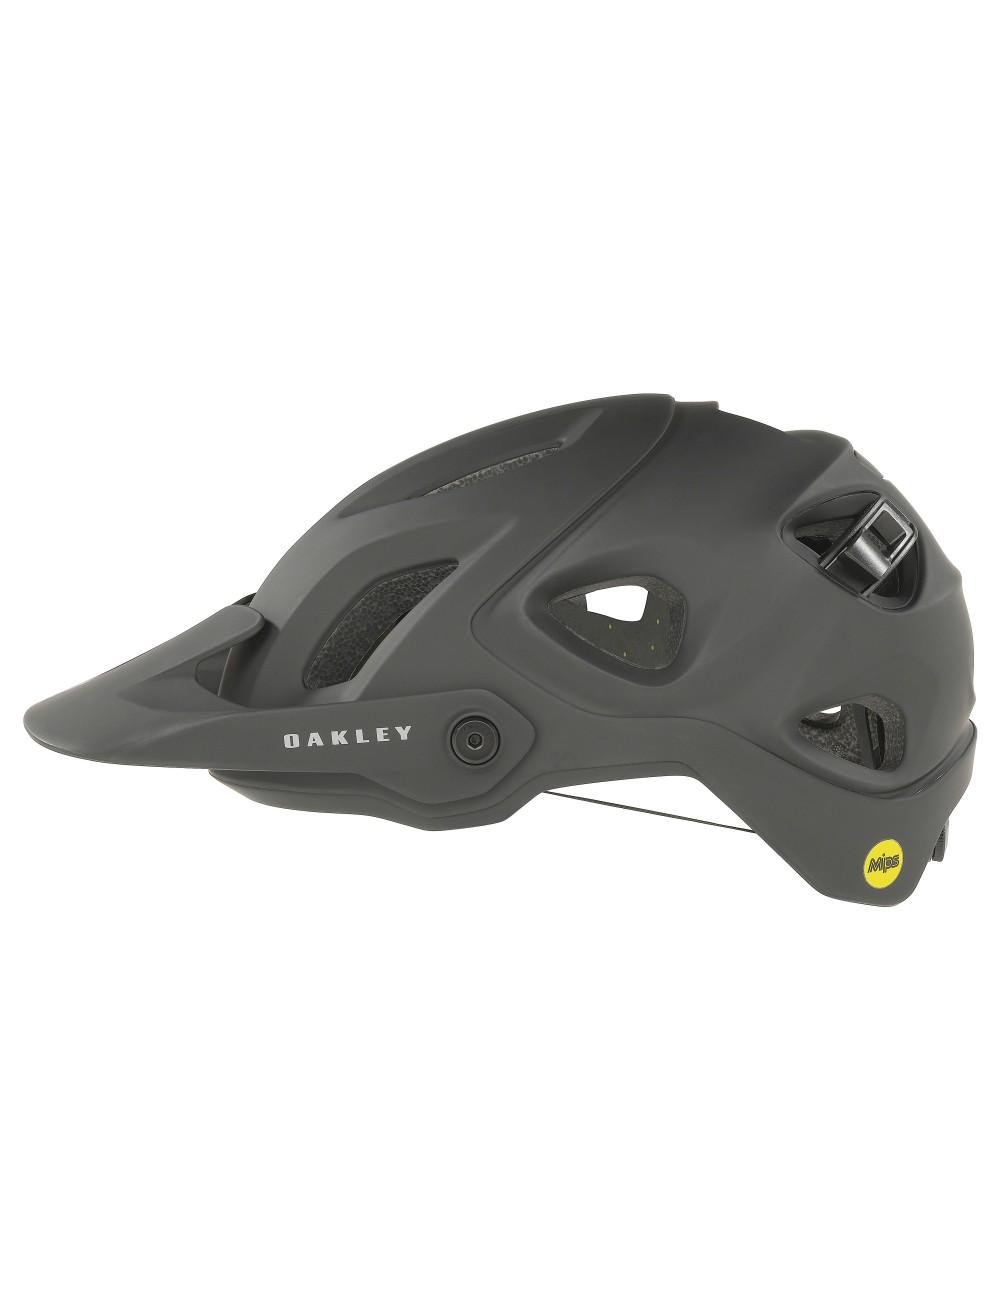 Oakley DRT5 Bike Helmet - Black_11763